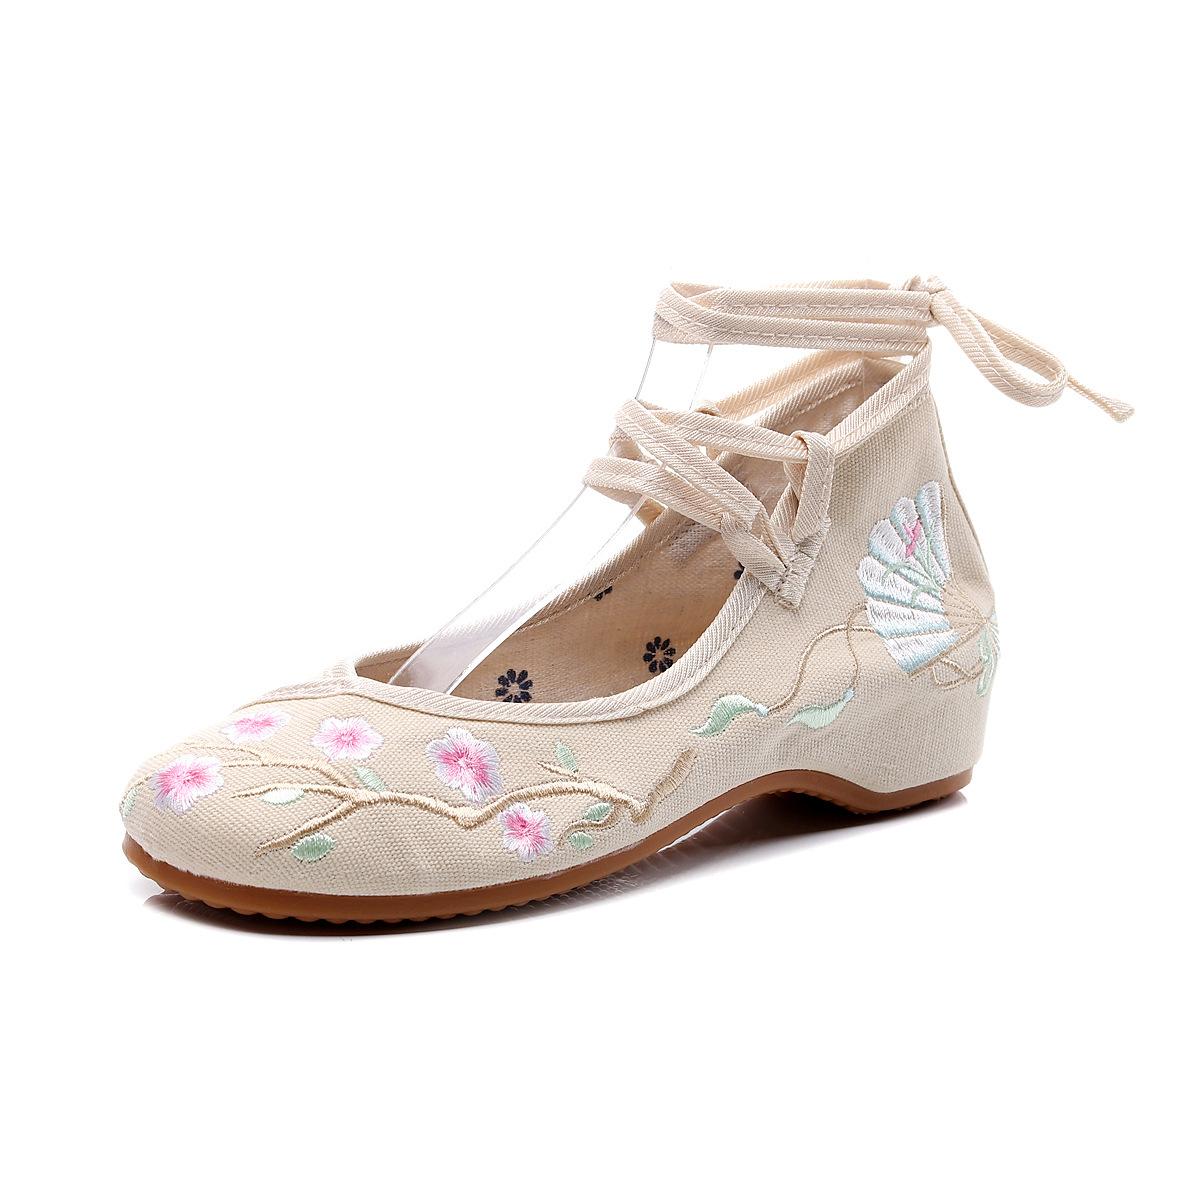 2019 أحذية قماشية مطرزة 3 سم على النمط العرقي أحذية الرقص المربعة hanfu